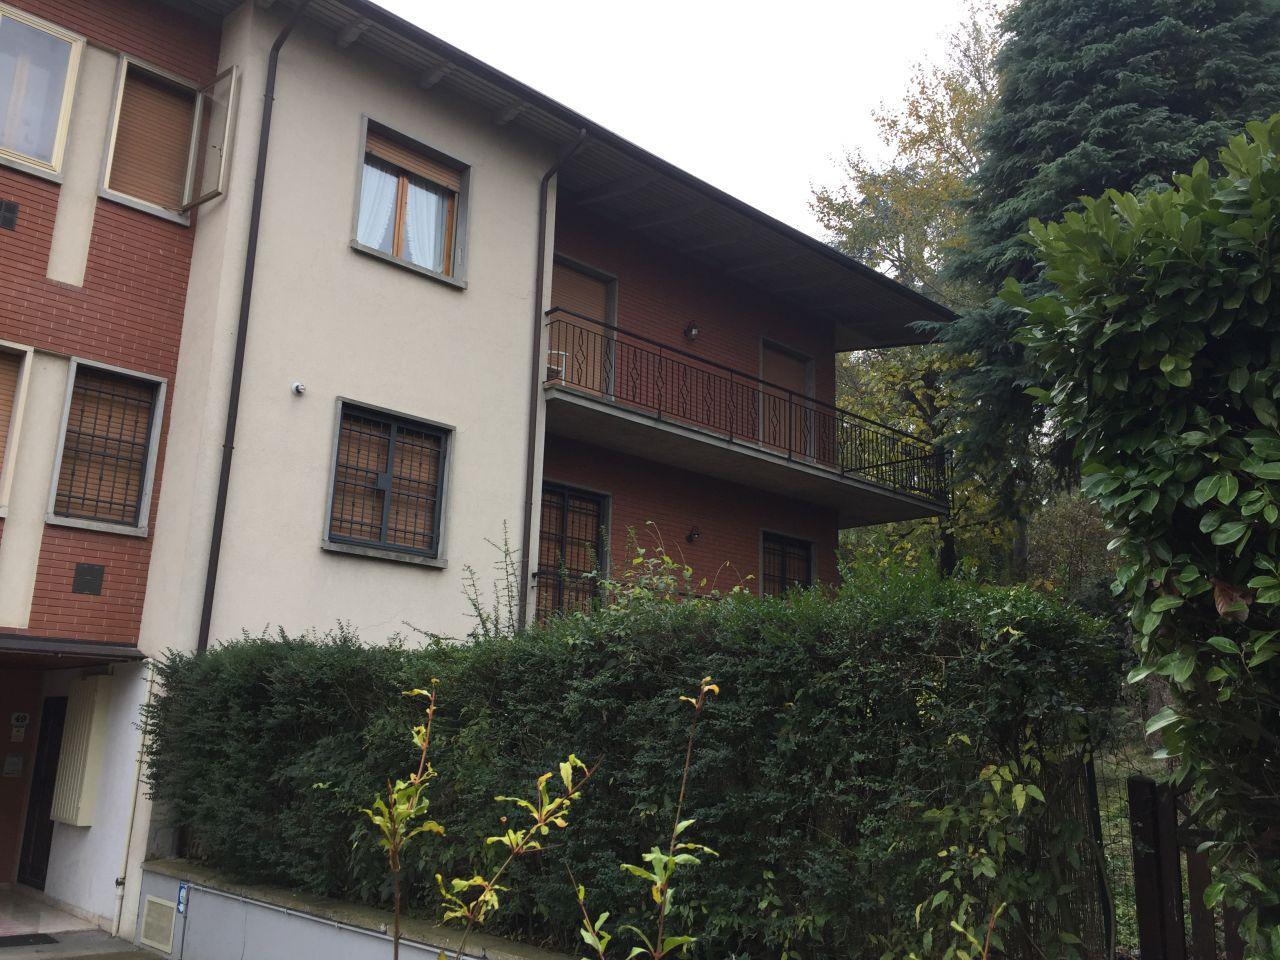 Appartamento in vendita a Valsamoggia, 9 locali, prezzo € 340.000 | PortaleAgenzieImmobiliari.it